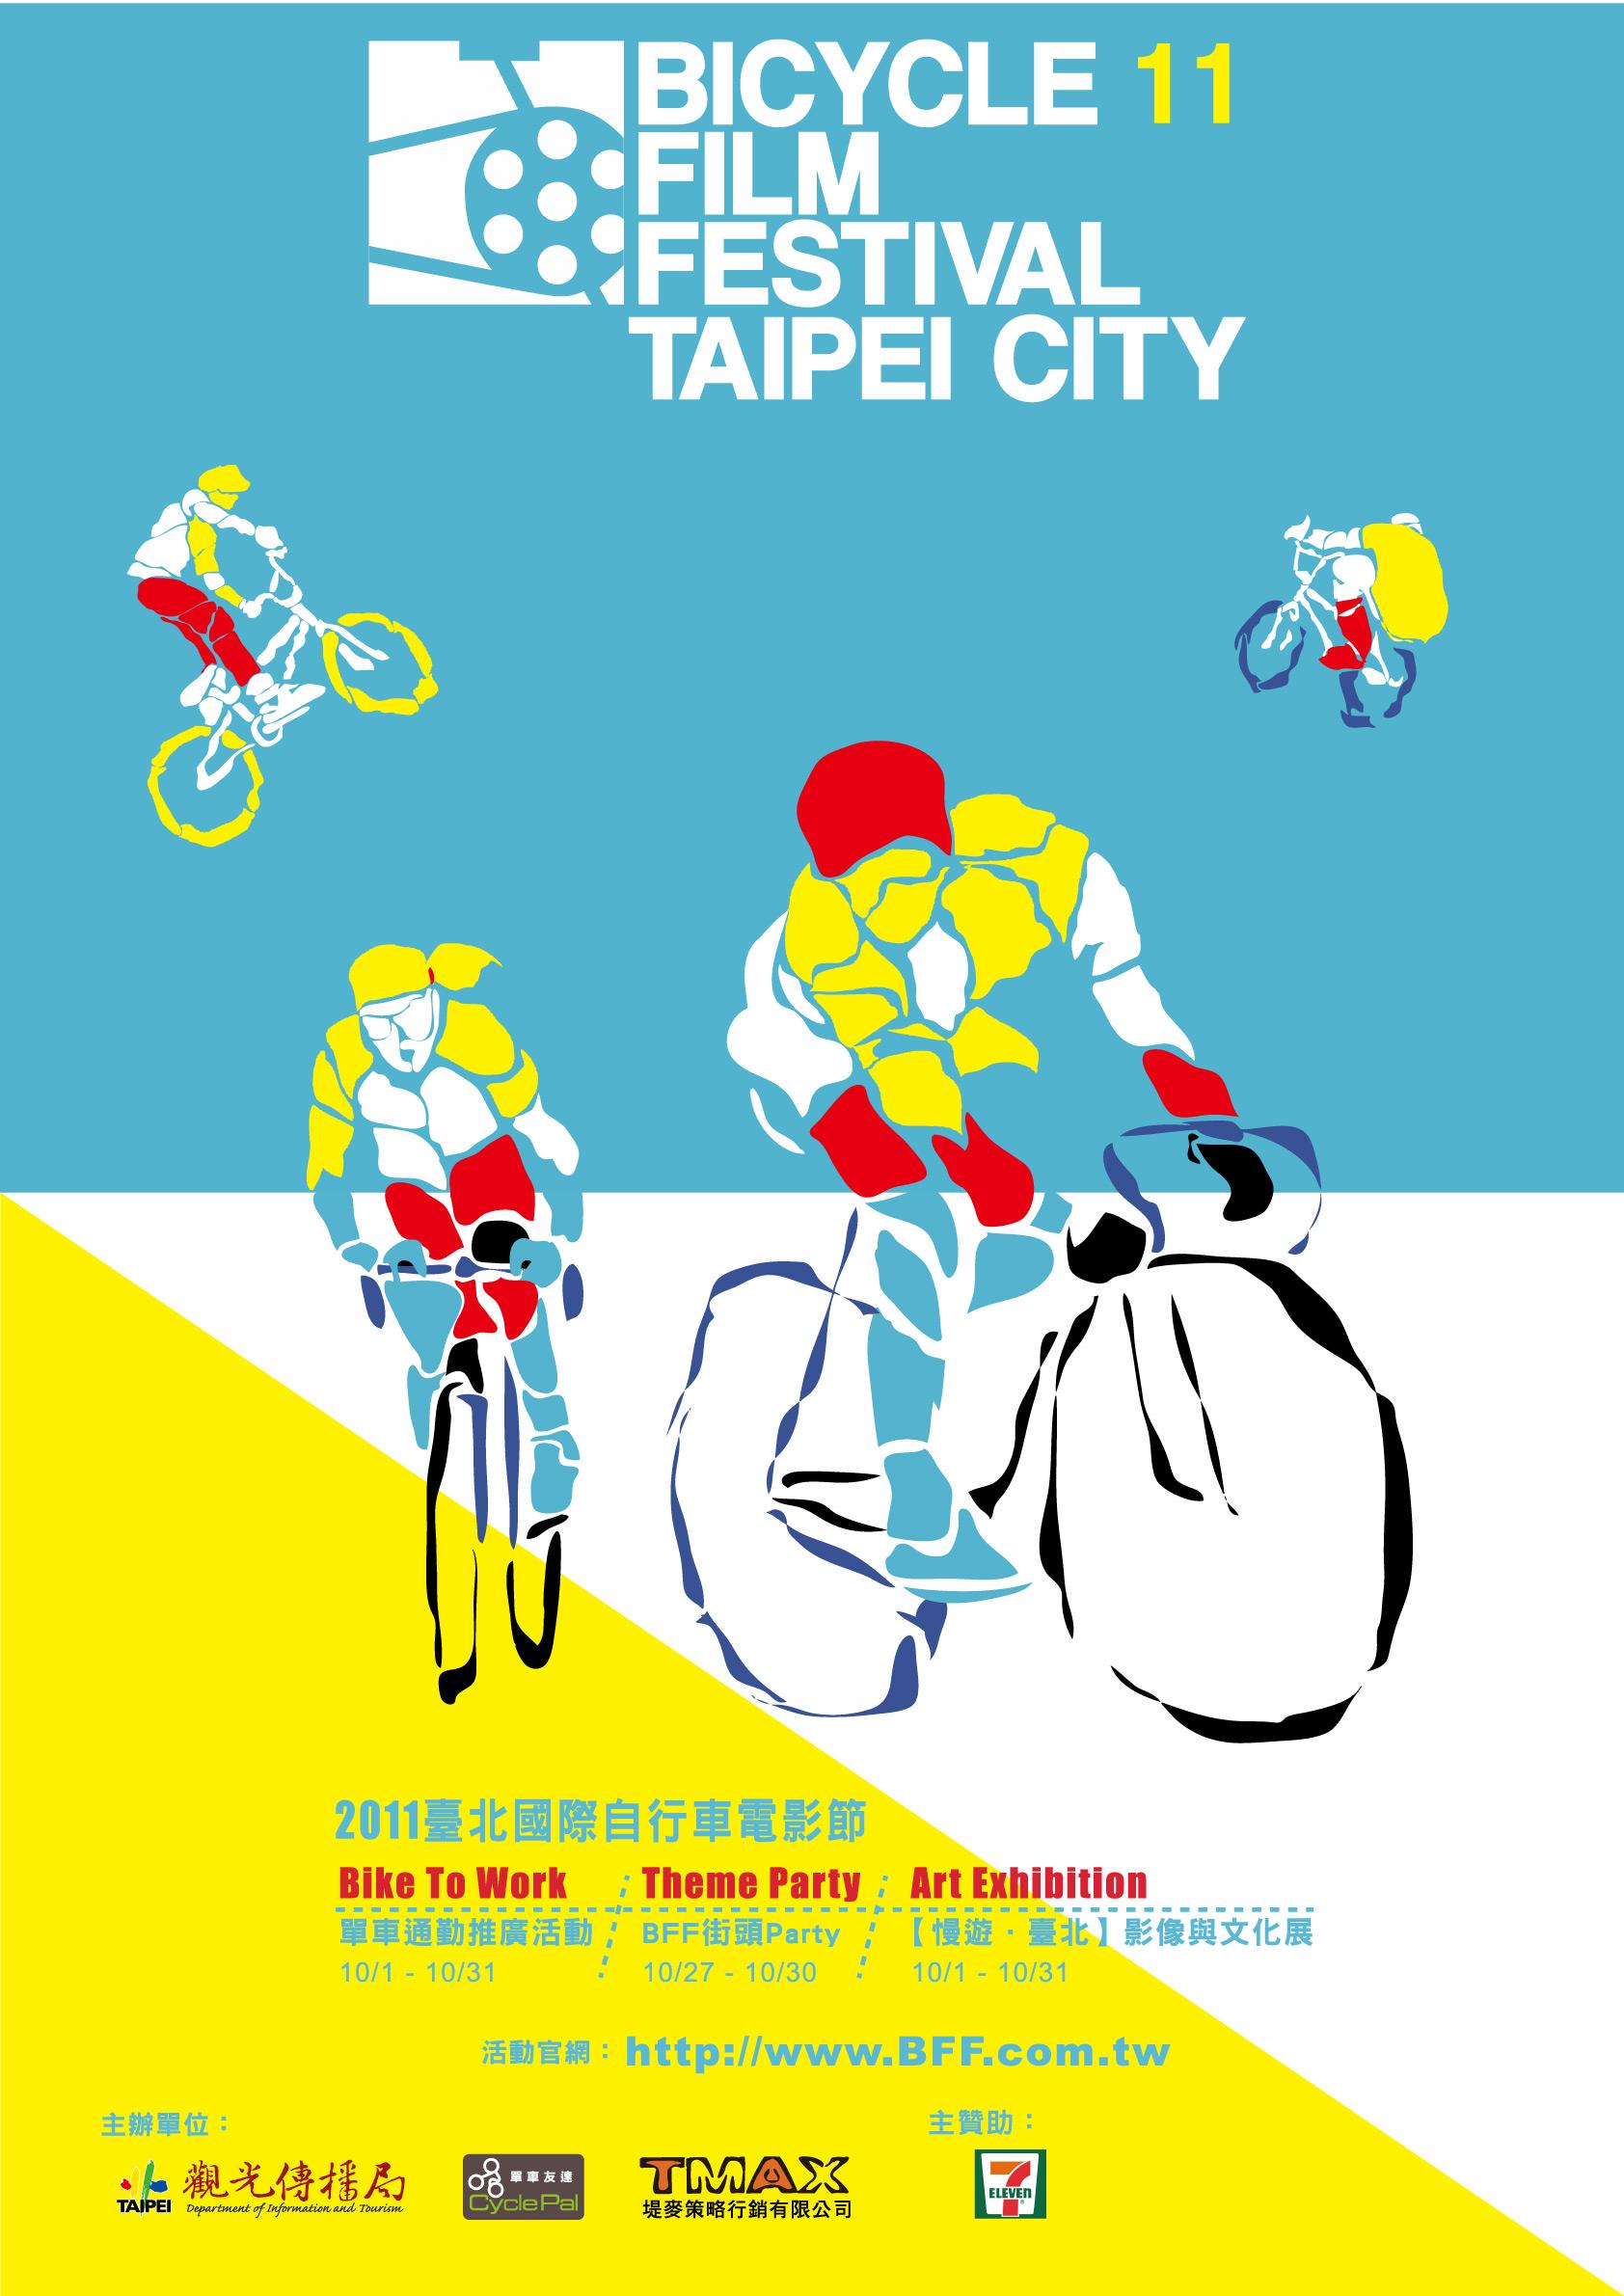 BFF-2011臺北國際自行車電影節